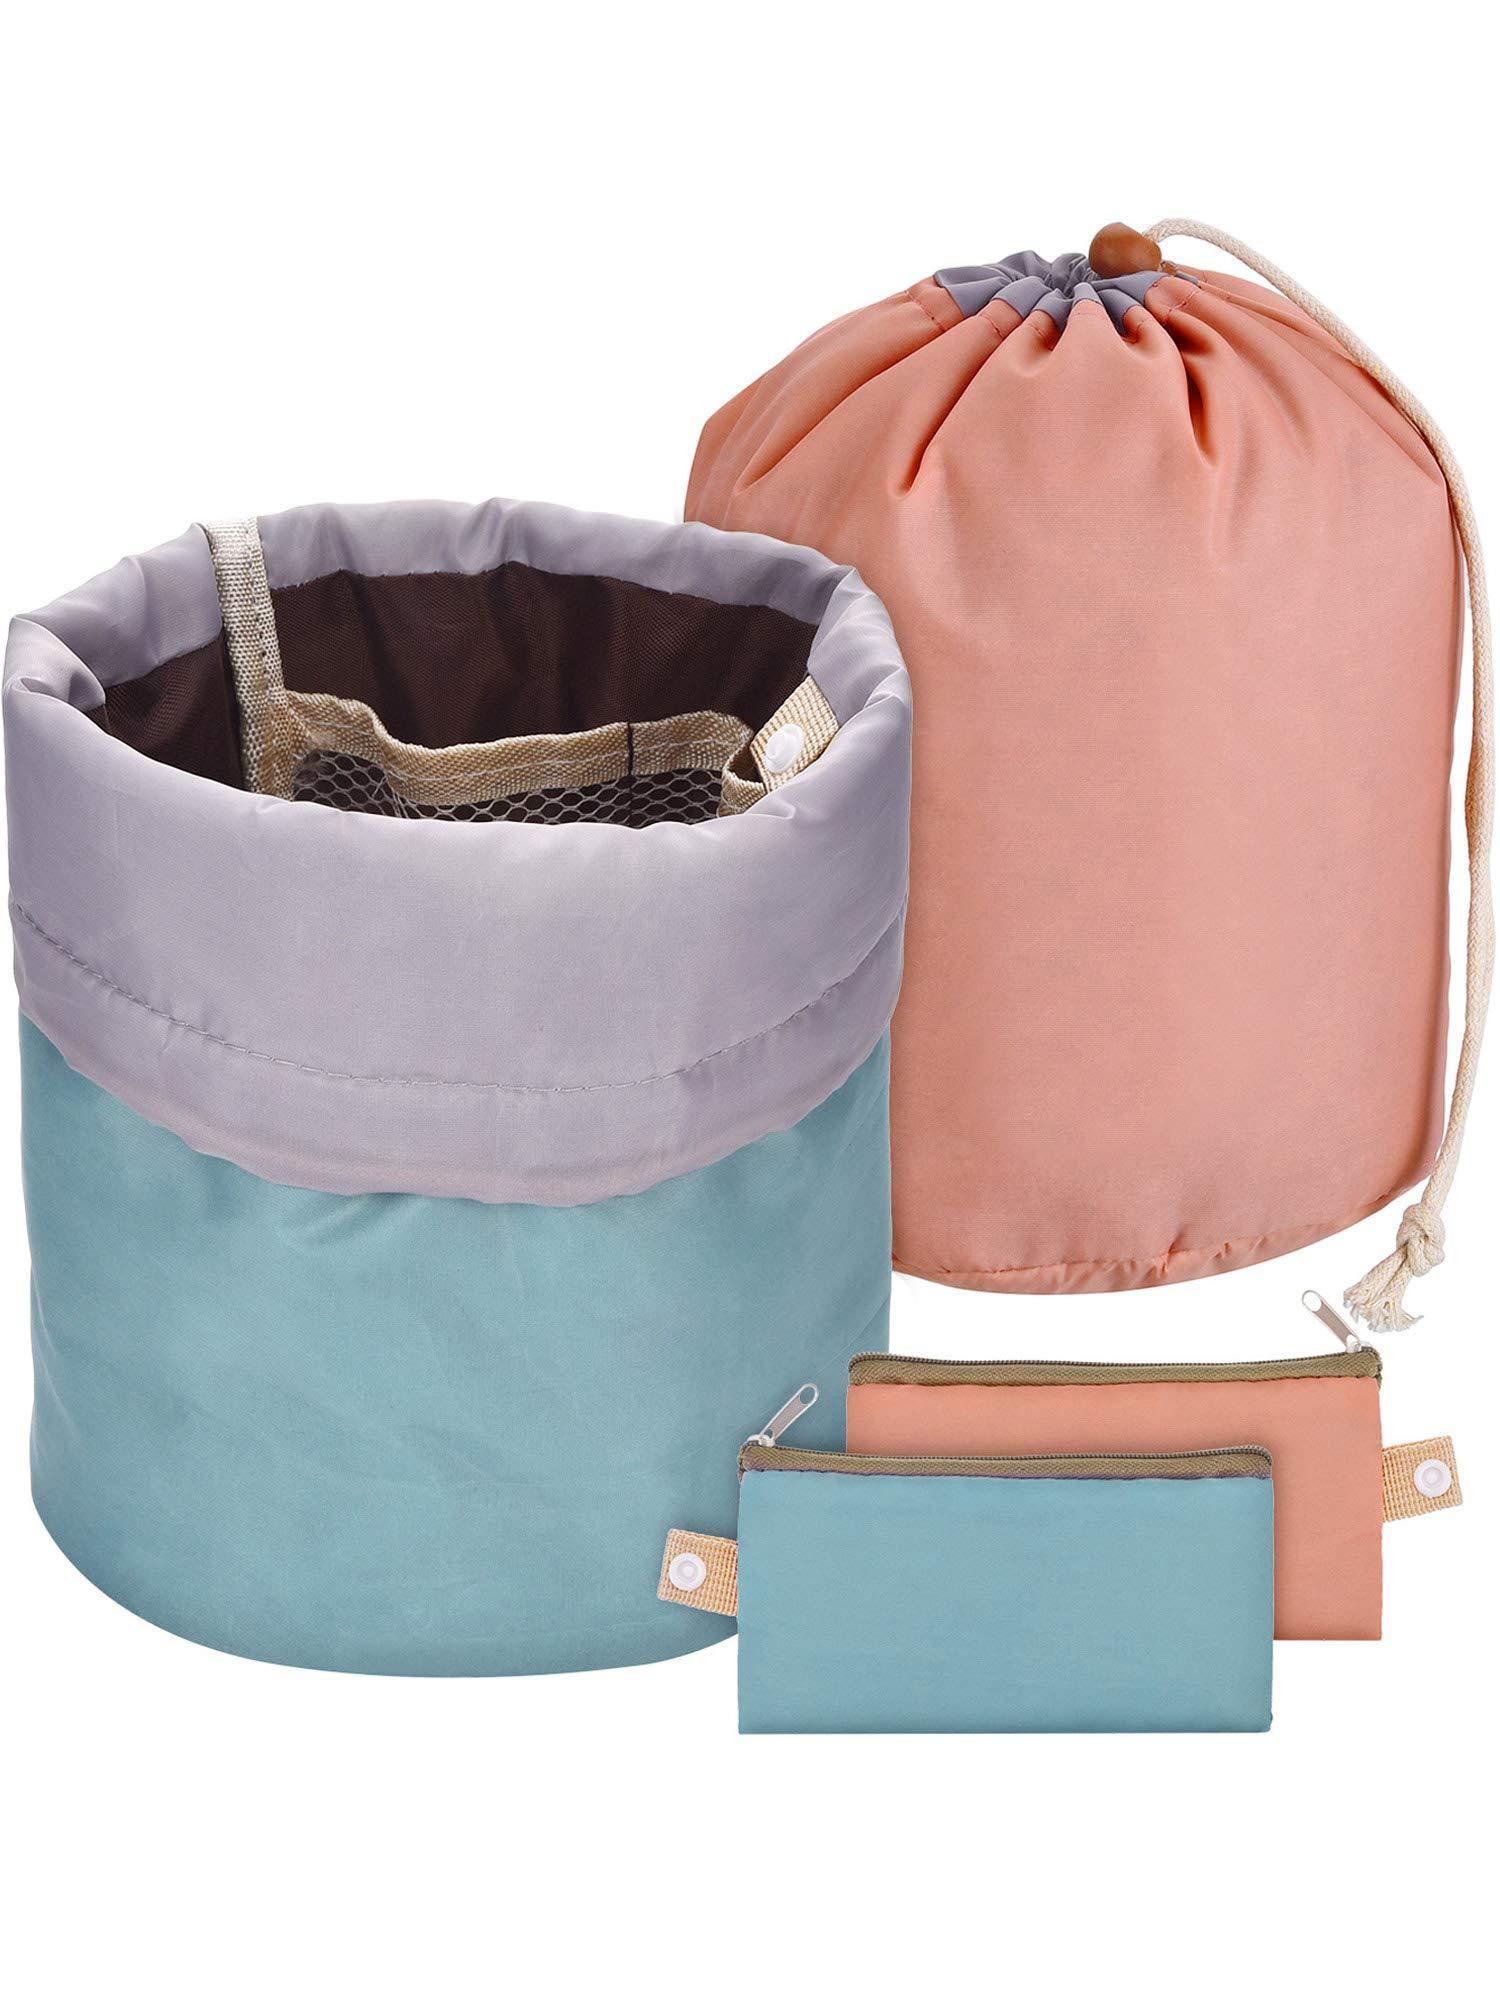 432dbd4b5a6b Bememo 2 Pieces Barrel Shaped Travel Bag Makeup Bag Cosmetic Bag ...